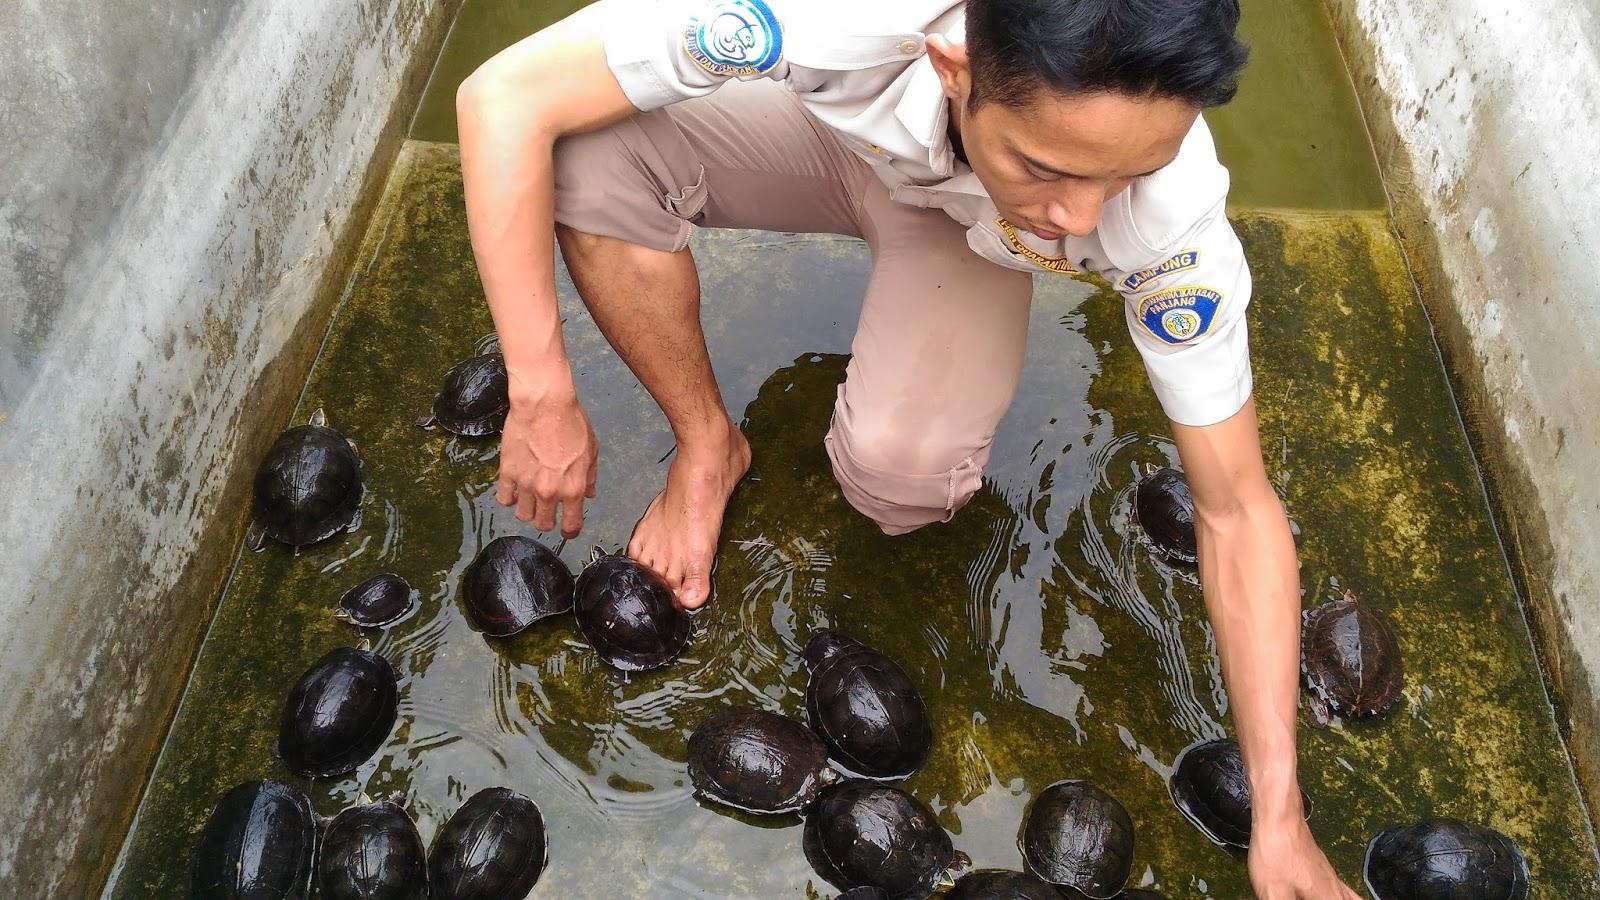 Si Dan Karantina Ikan Lampung Amankan Kura Tanpa Dokumen Surat Balai Untuk Tanaman Hewan Kua Yang Diamankan